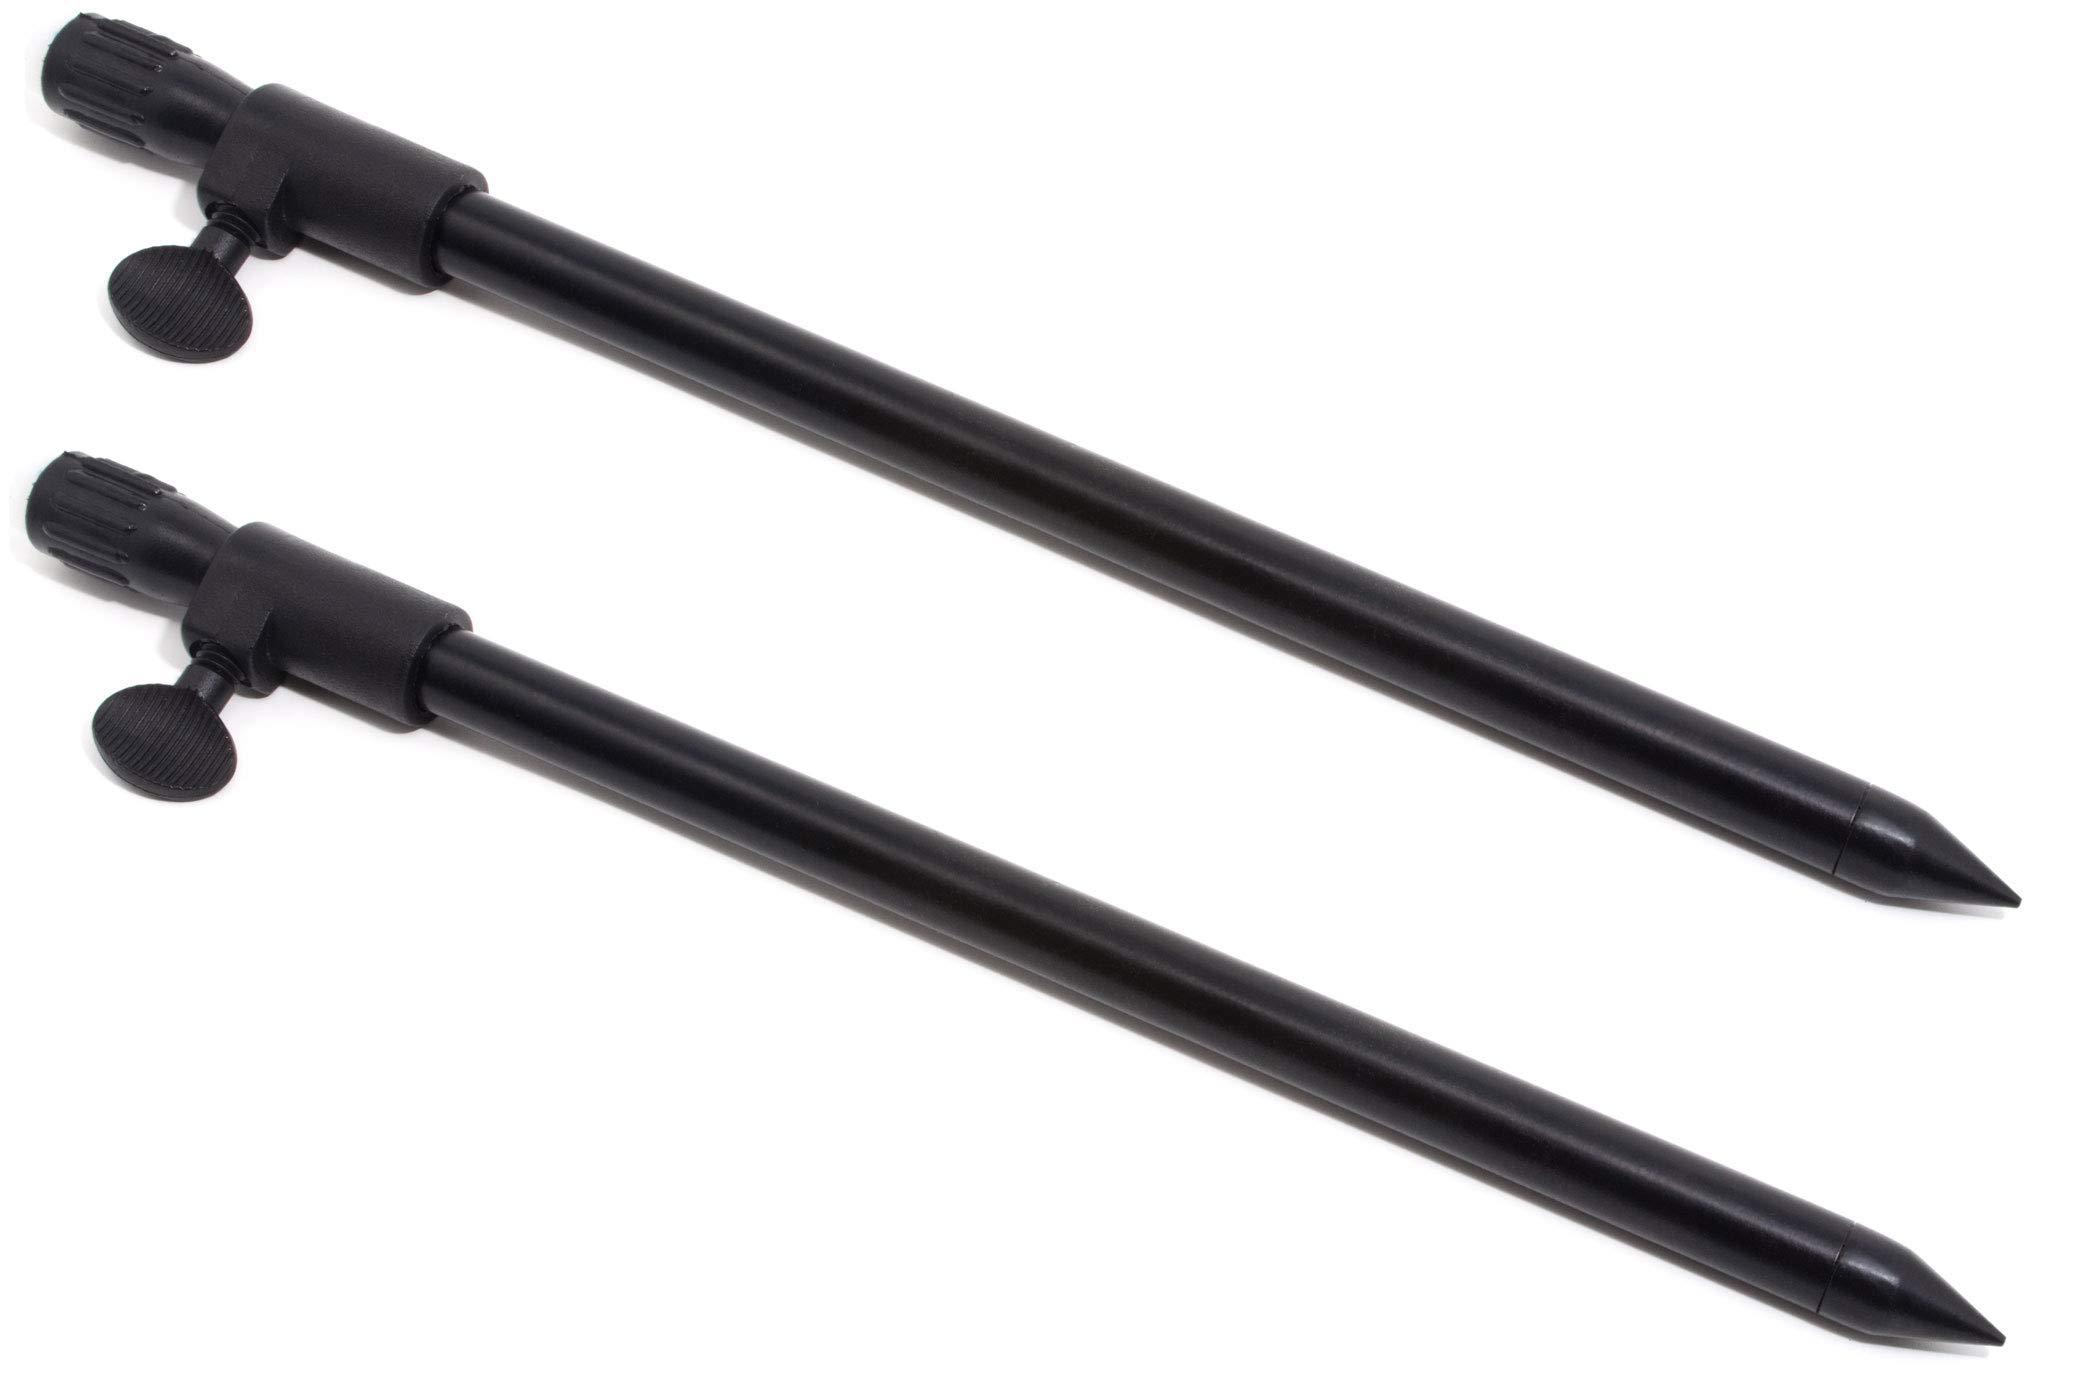 BZS Telescopic Black Aluminum Banksticks 30-50cm and 50-90cm